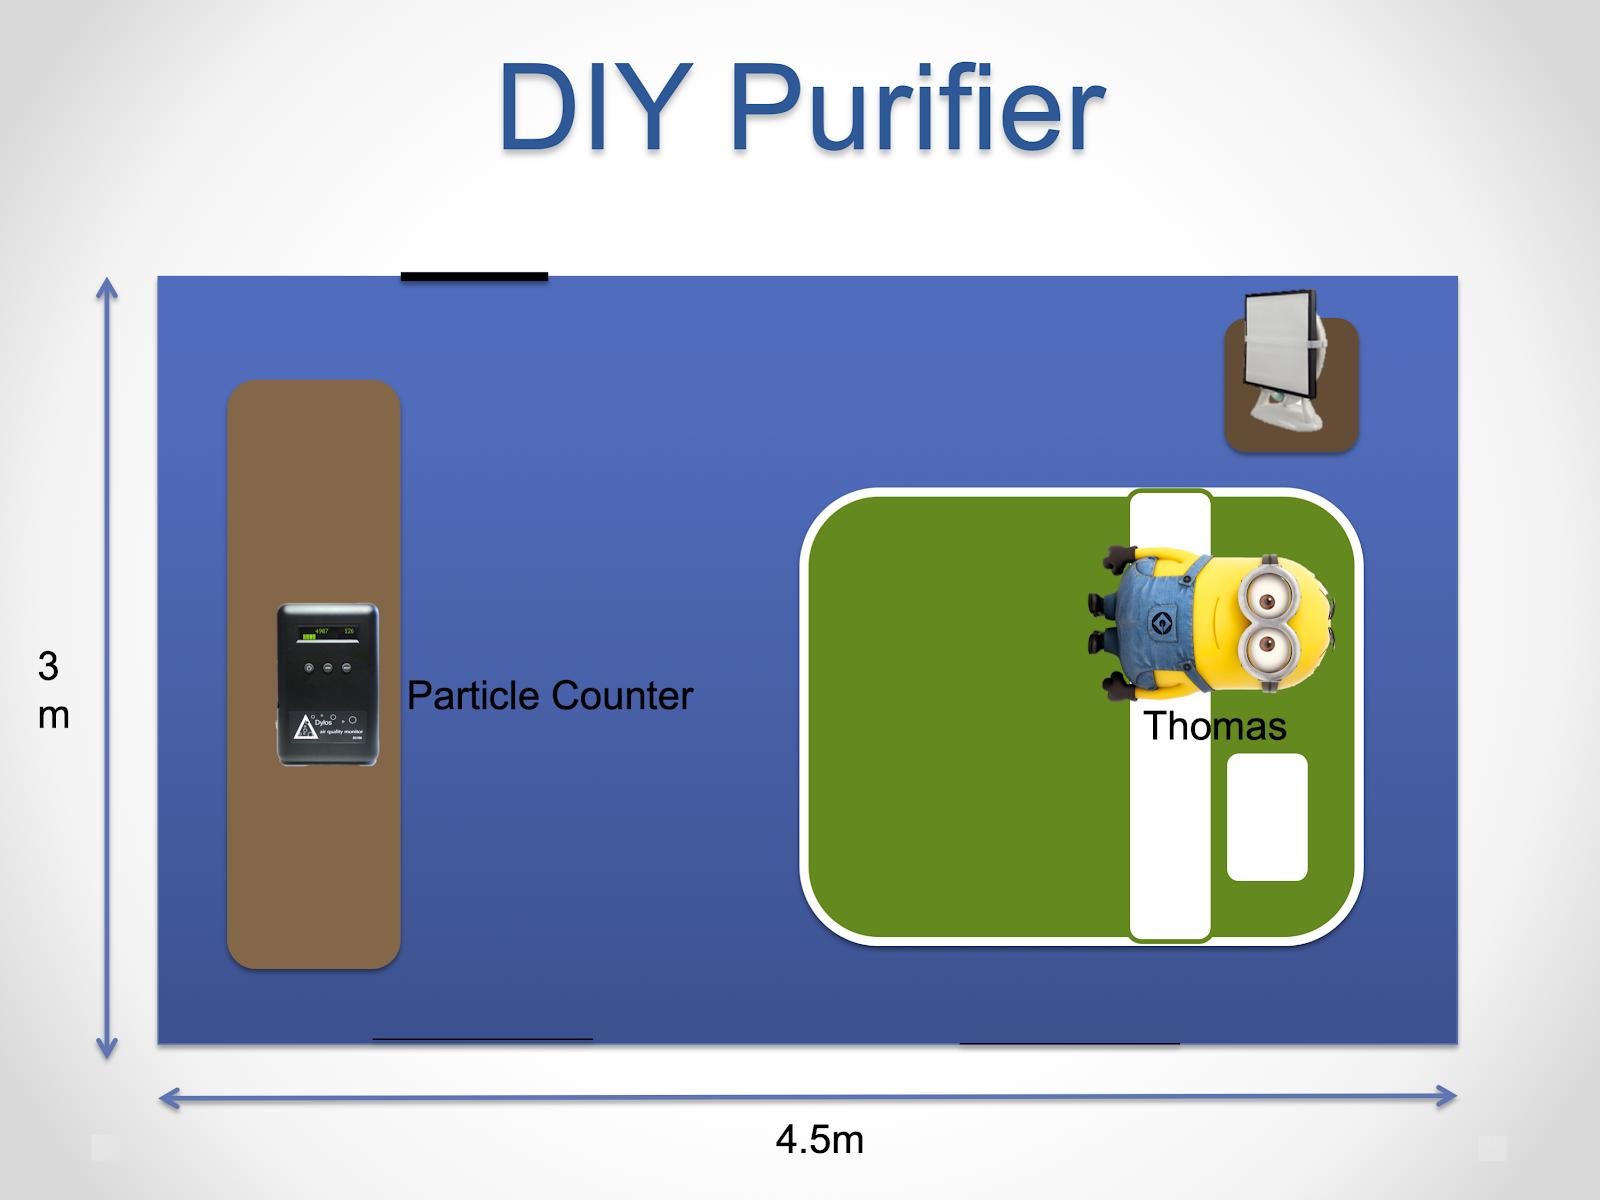 DIY purifier Smart Air